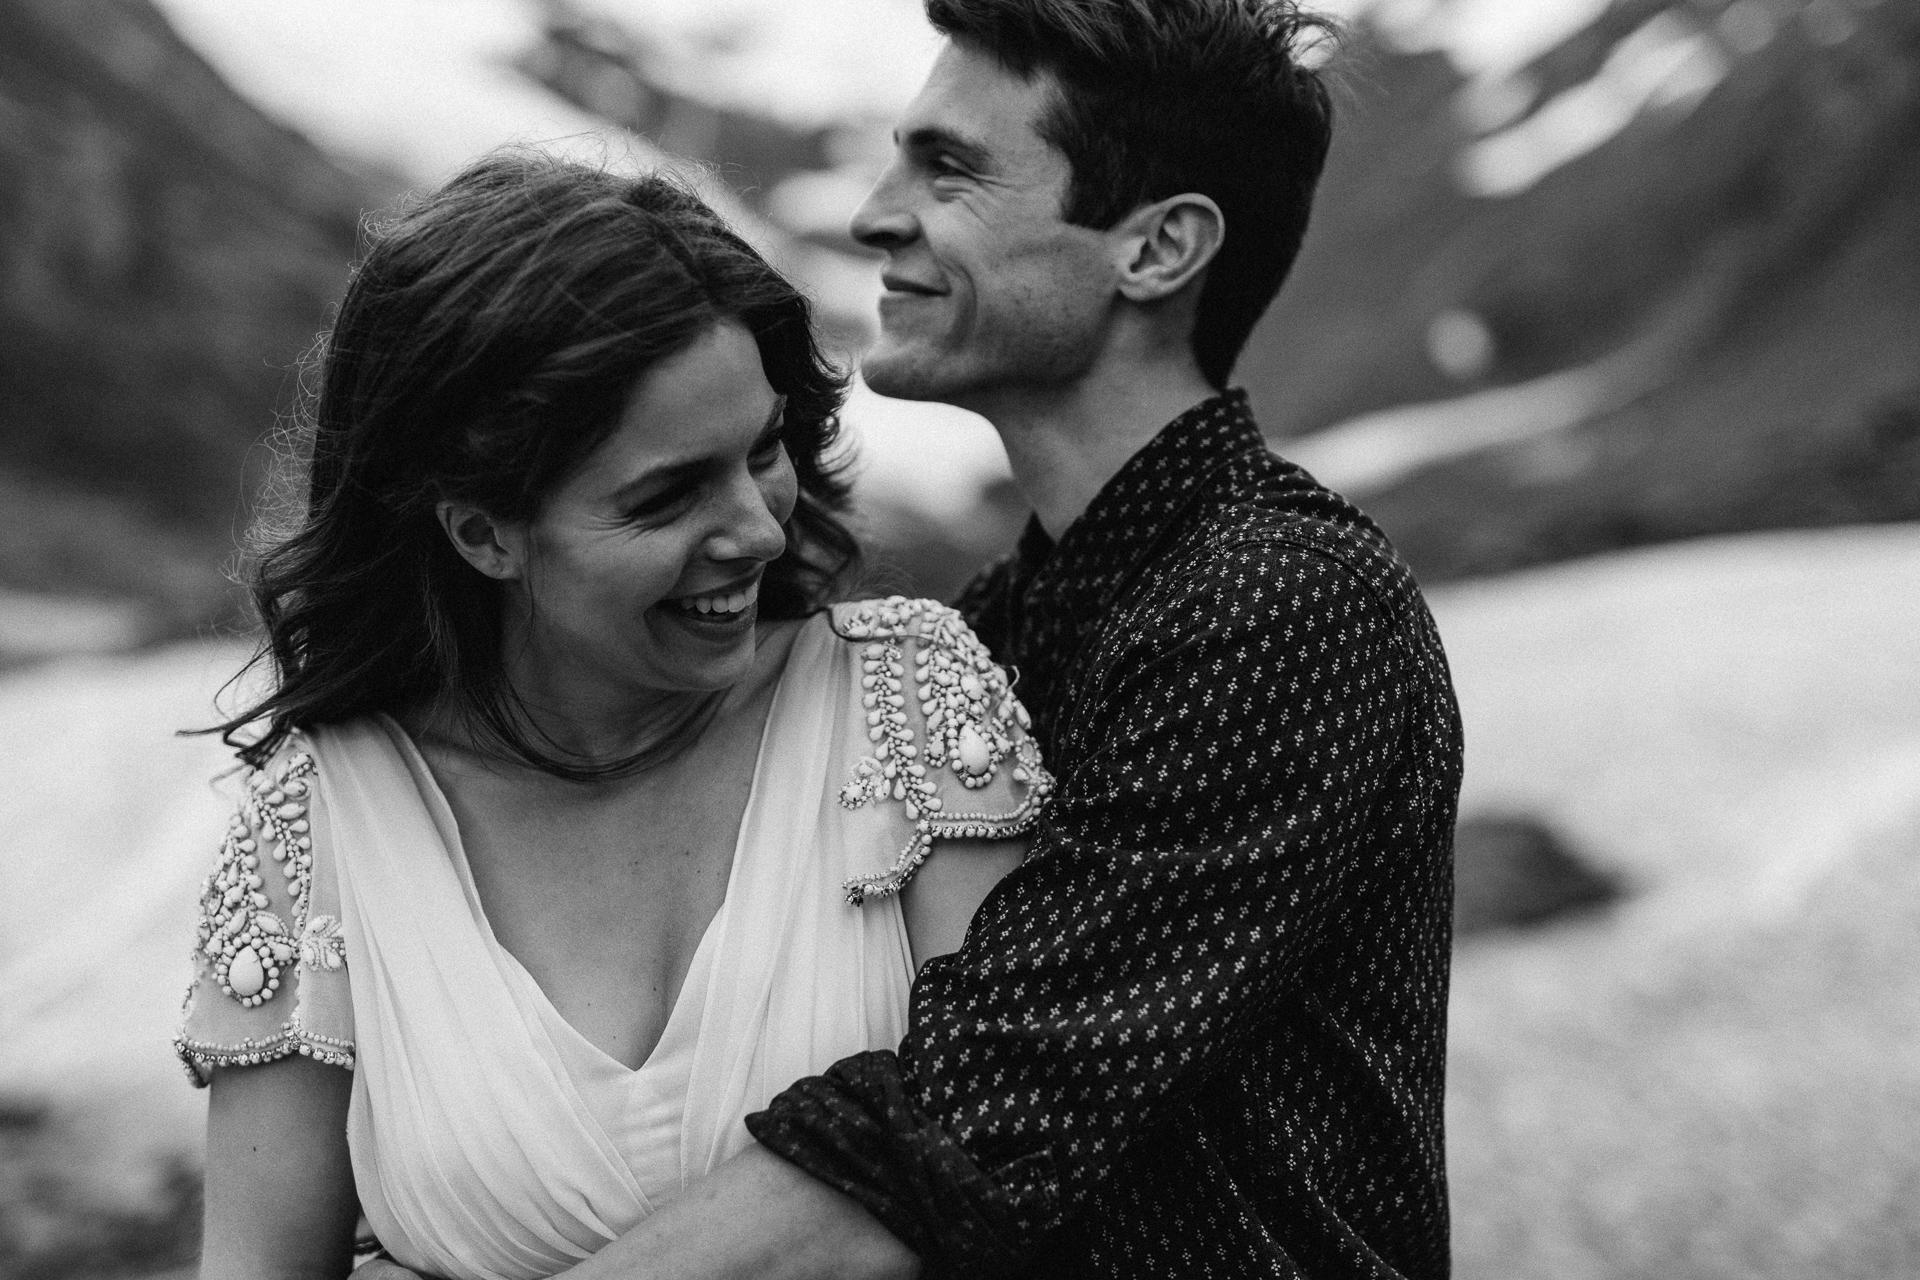 jess-hunter-photographer-alaska-destination-elopement-6293.jpg